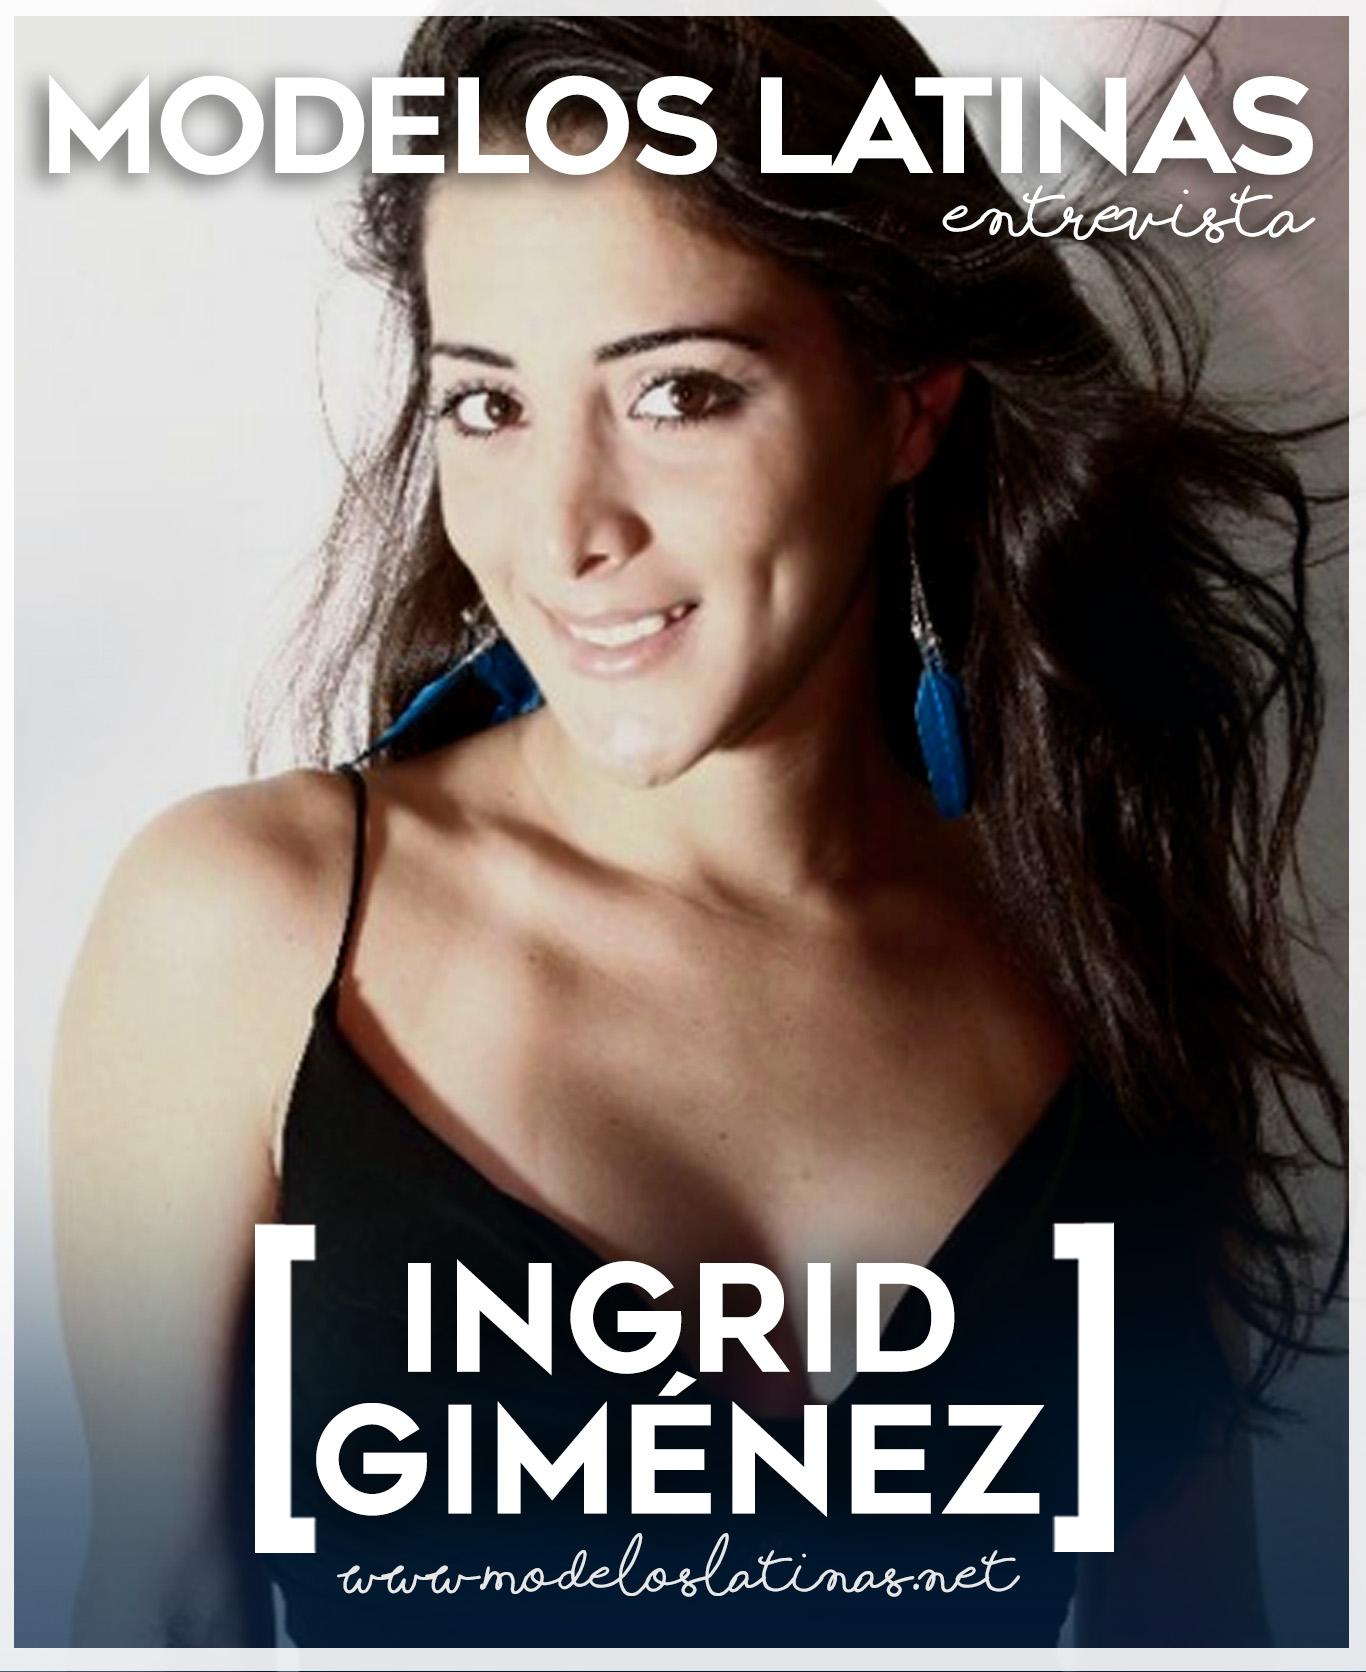 Ingrid Gimenez